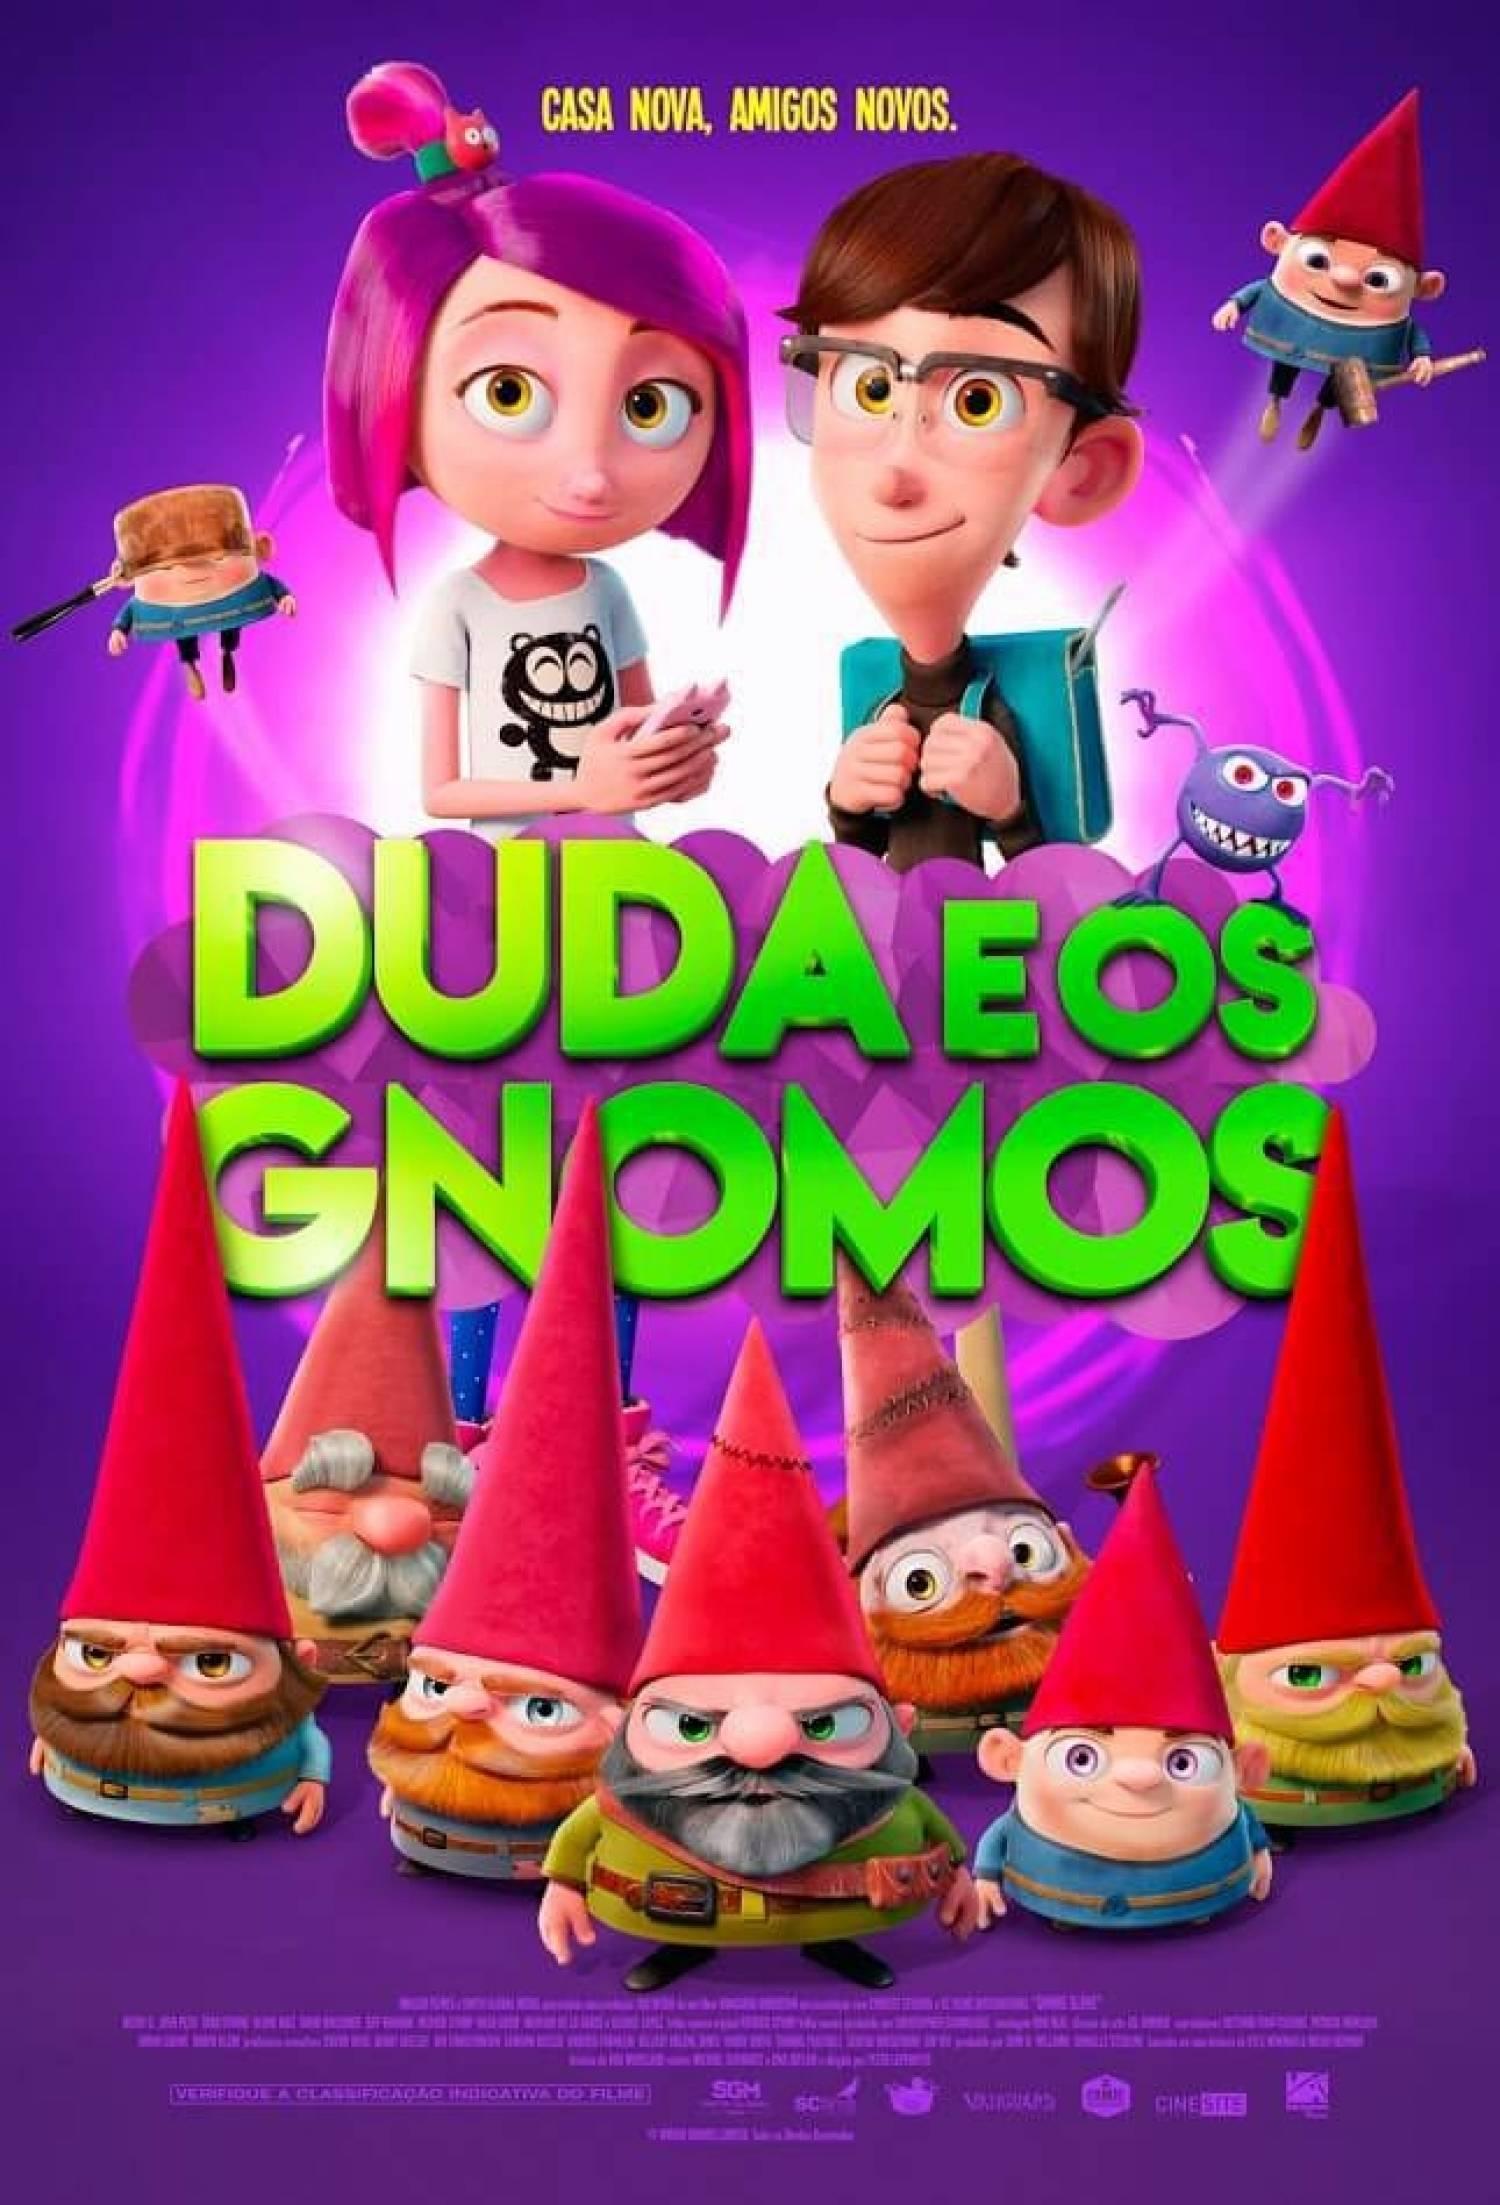 Duda e Os Gnomos - 3D   10/03/18